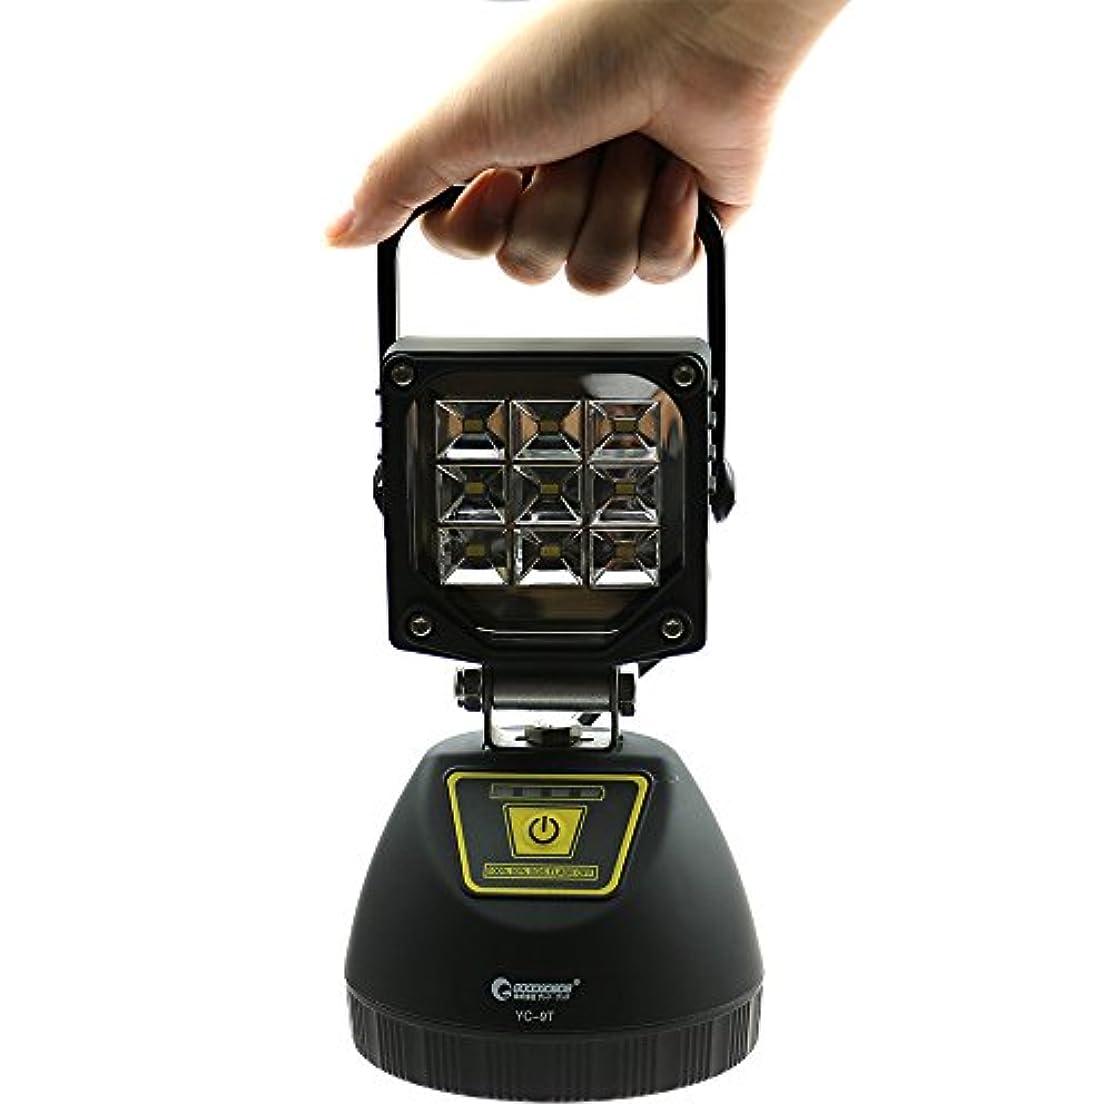 GOODGOODS LED 充電式 懐中電灯 16W LEDライト 投光器 ポータブル マグネット付き 【スマホや携帯充電対応】 4モード 【一年保証】 YC-9T